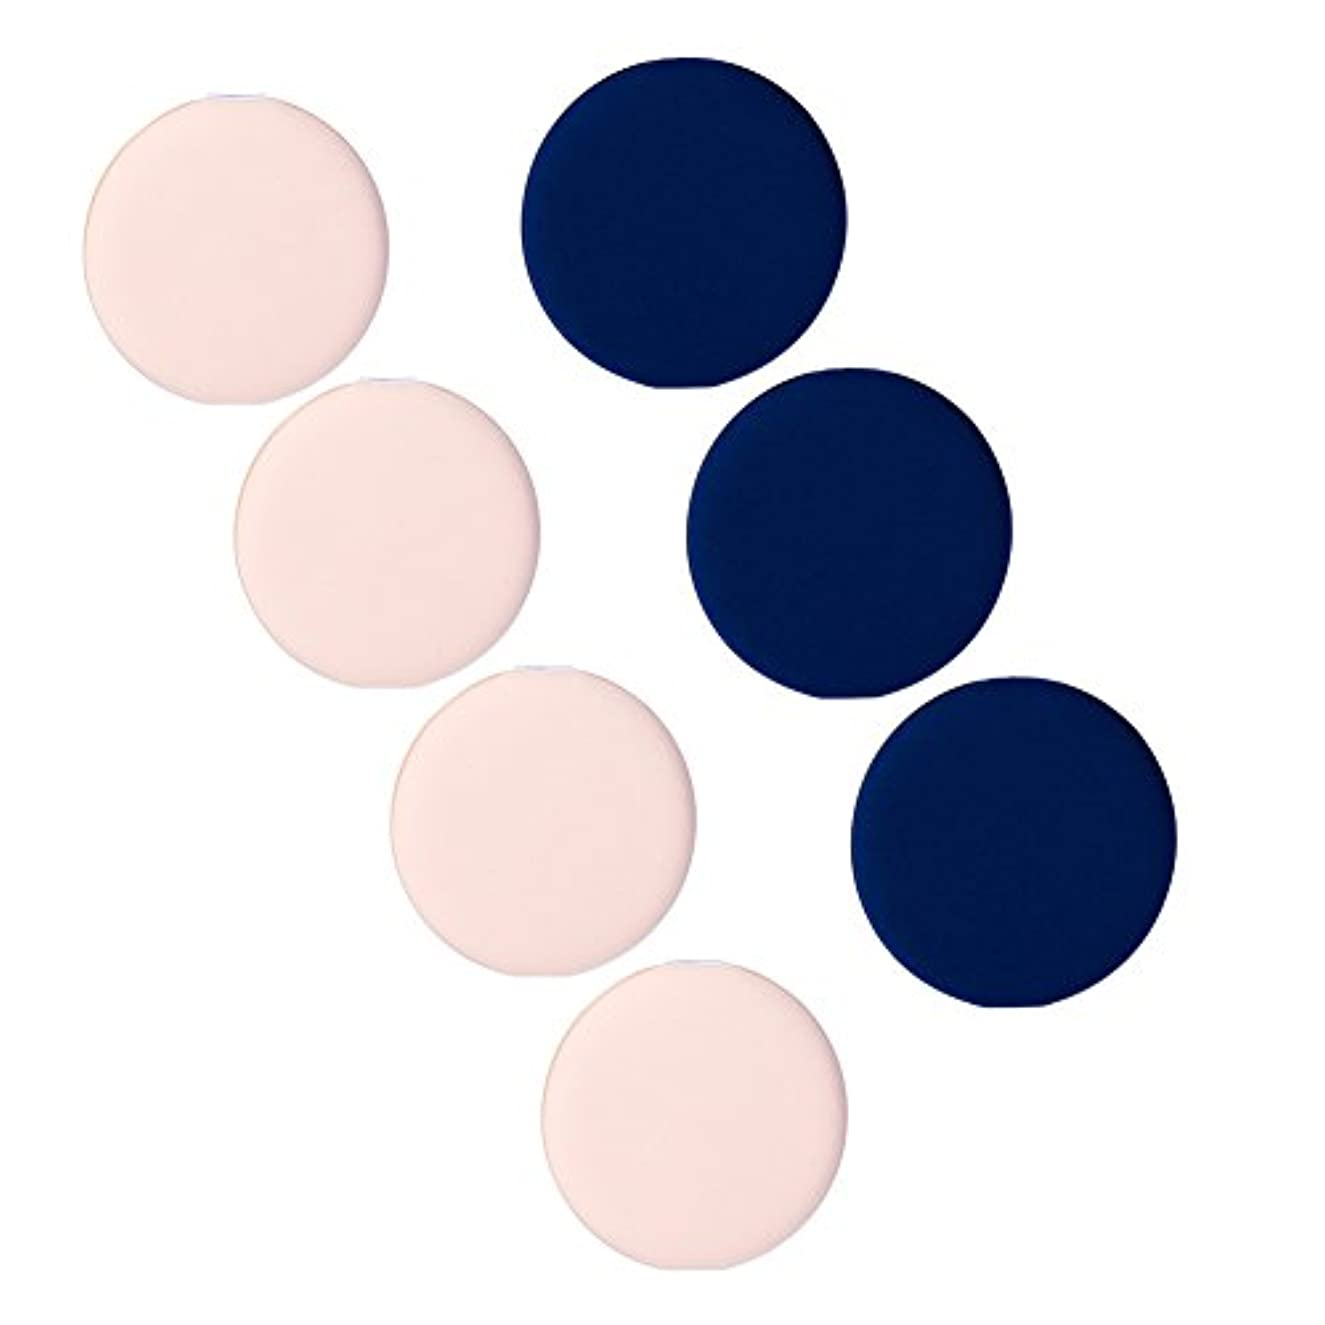 7個/セット ミニメイクアップ  パウダーファンデーション BBクリームエアクッションパフ  化粧品用具